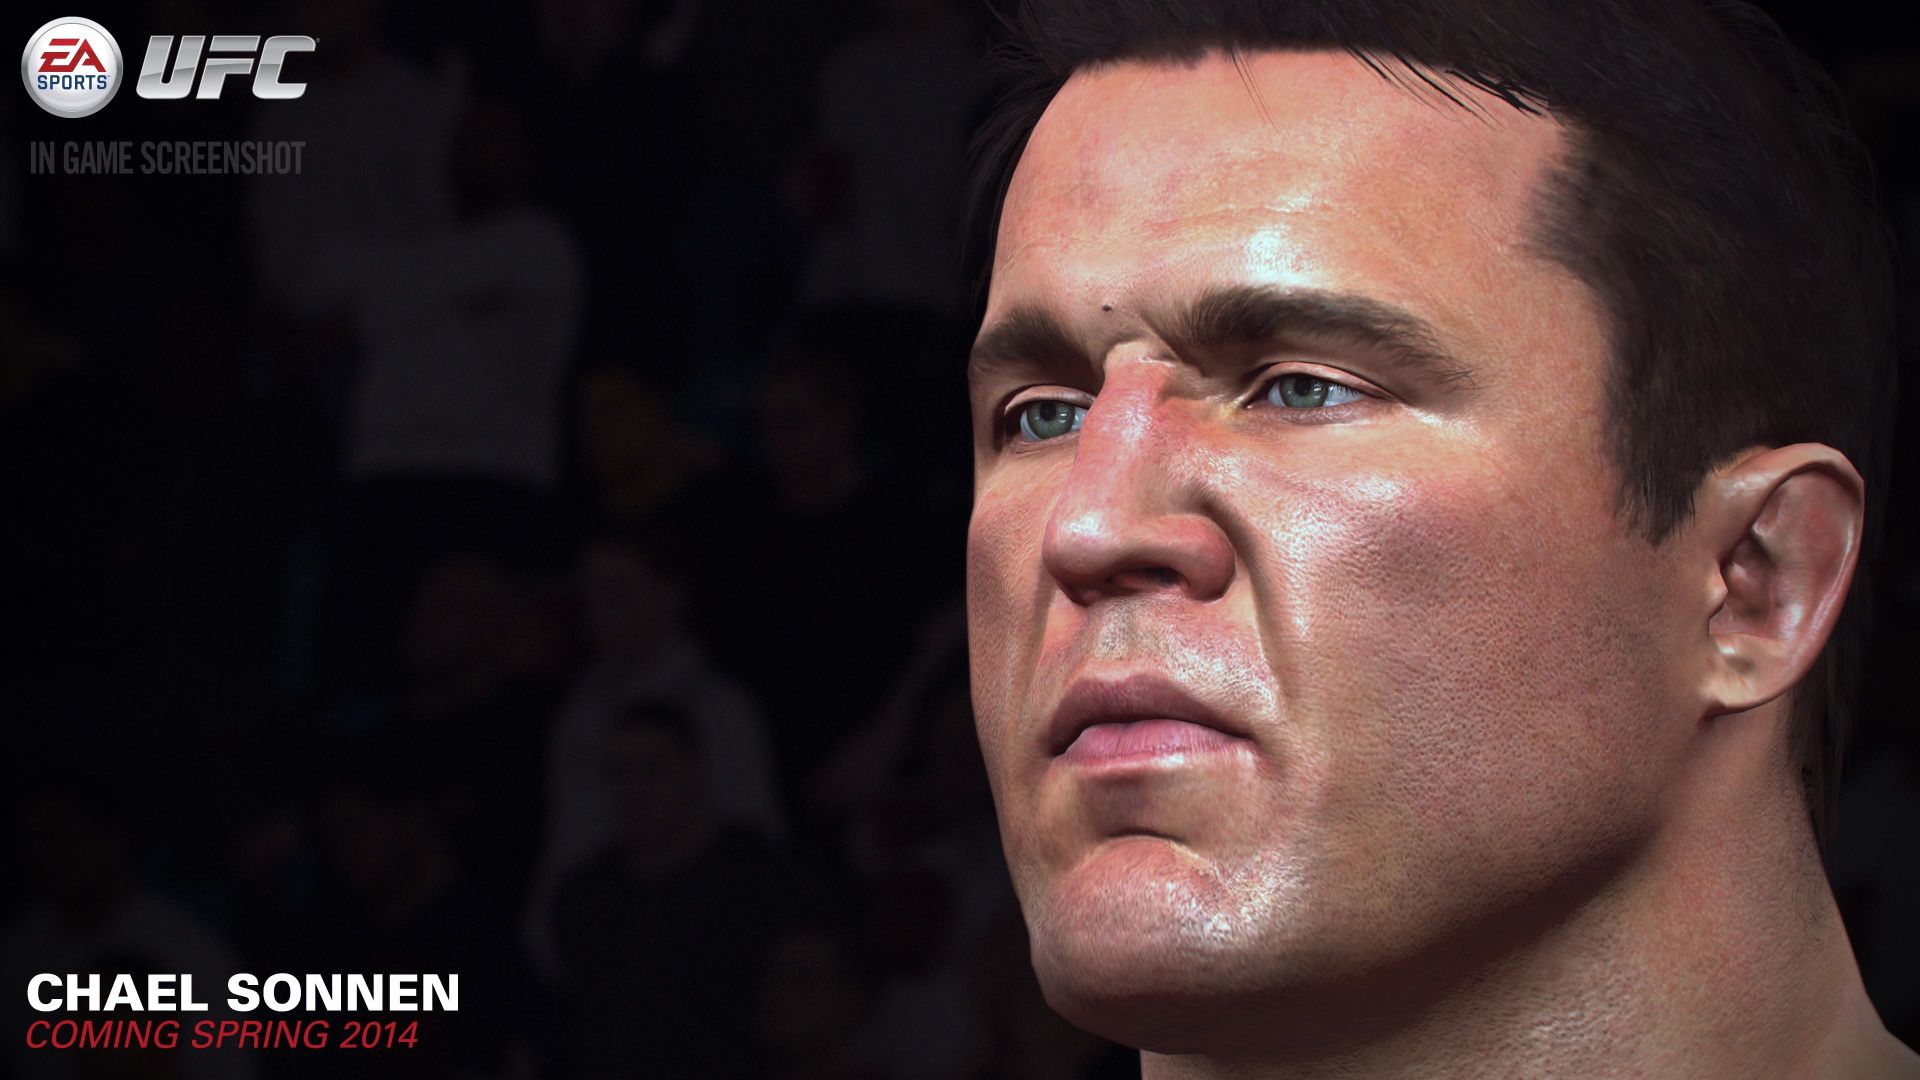 UFC od EA Sports s detailními obličeji bojovníků 91487